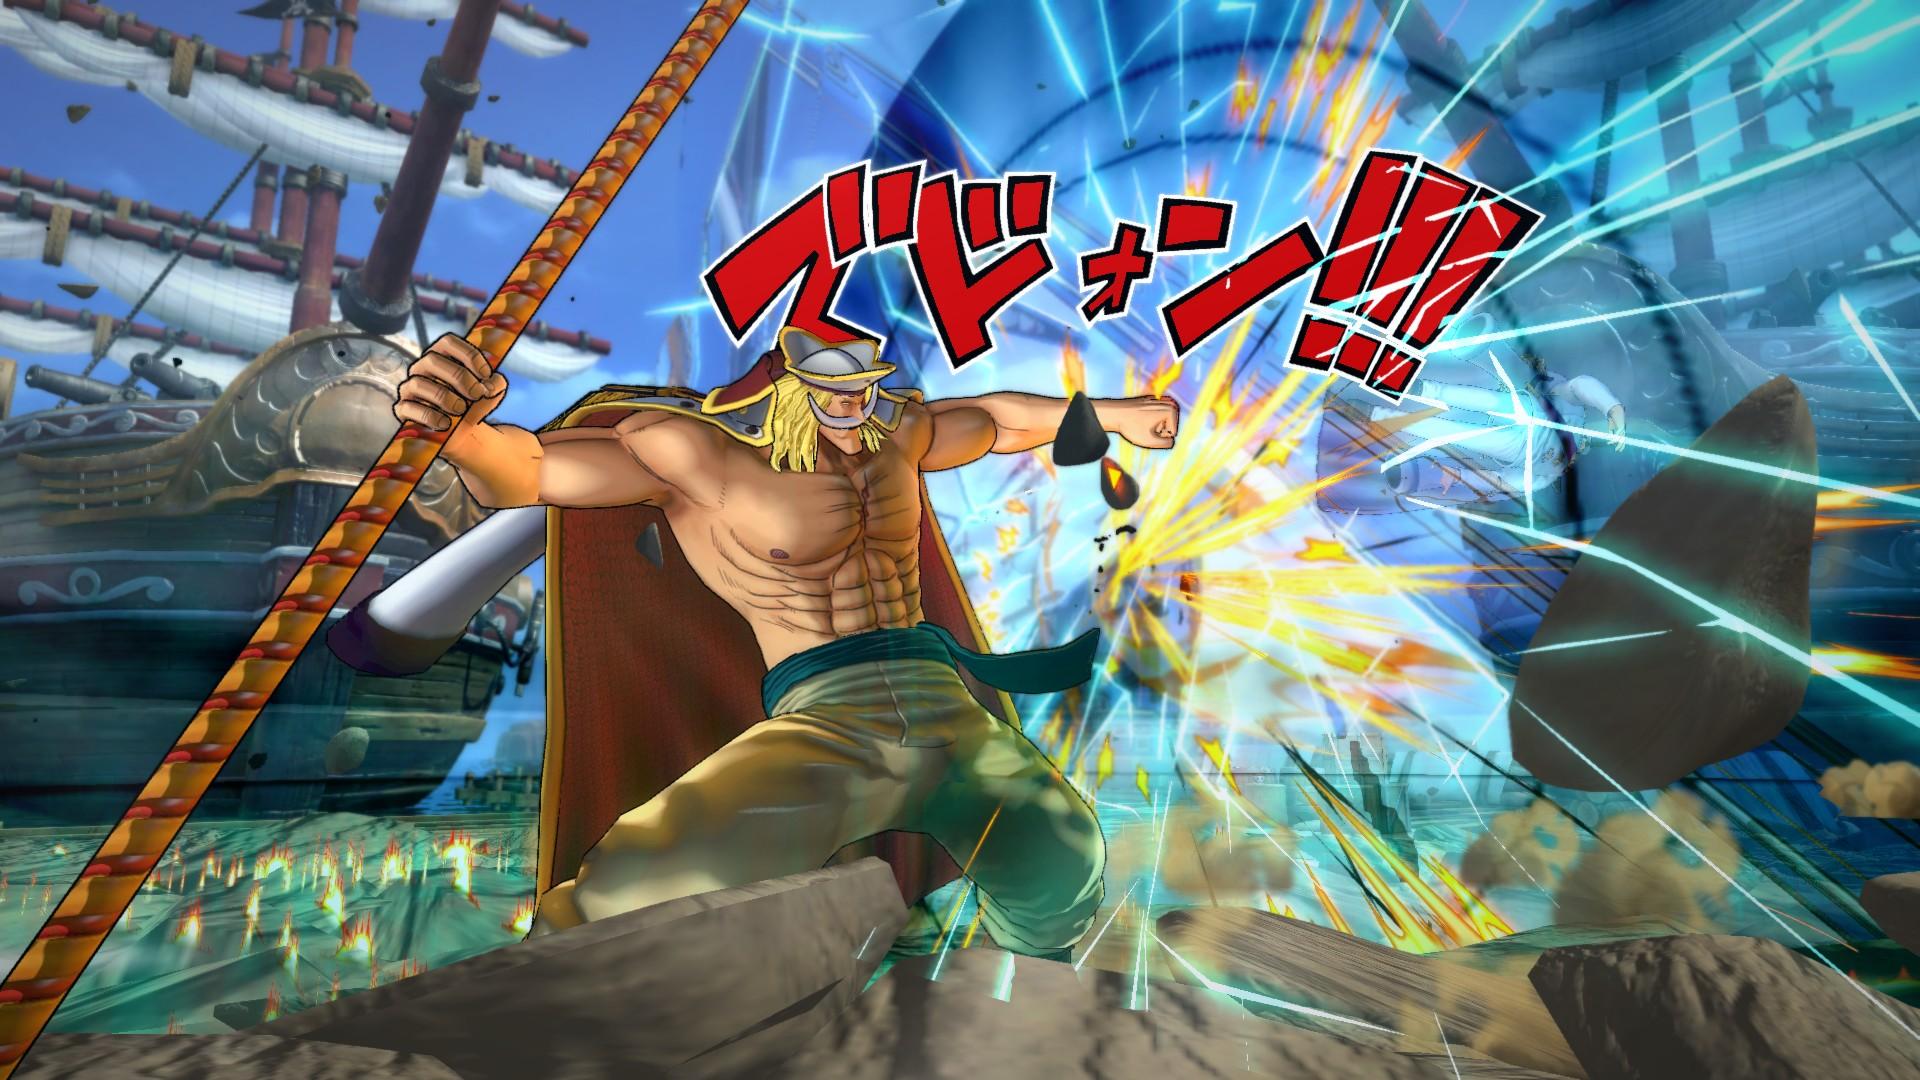 Bonusy za předobjednávku digitálních kopií One Piece: Burning Blood 122824